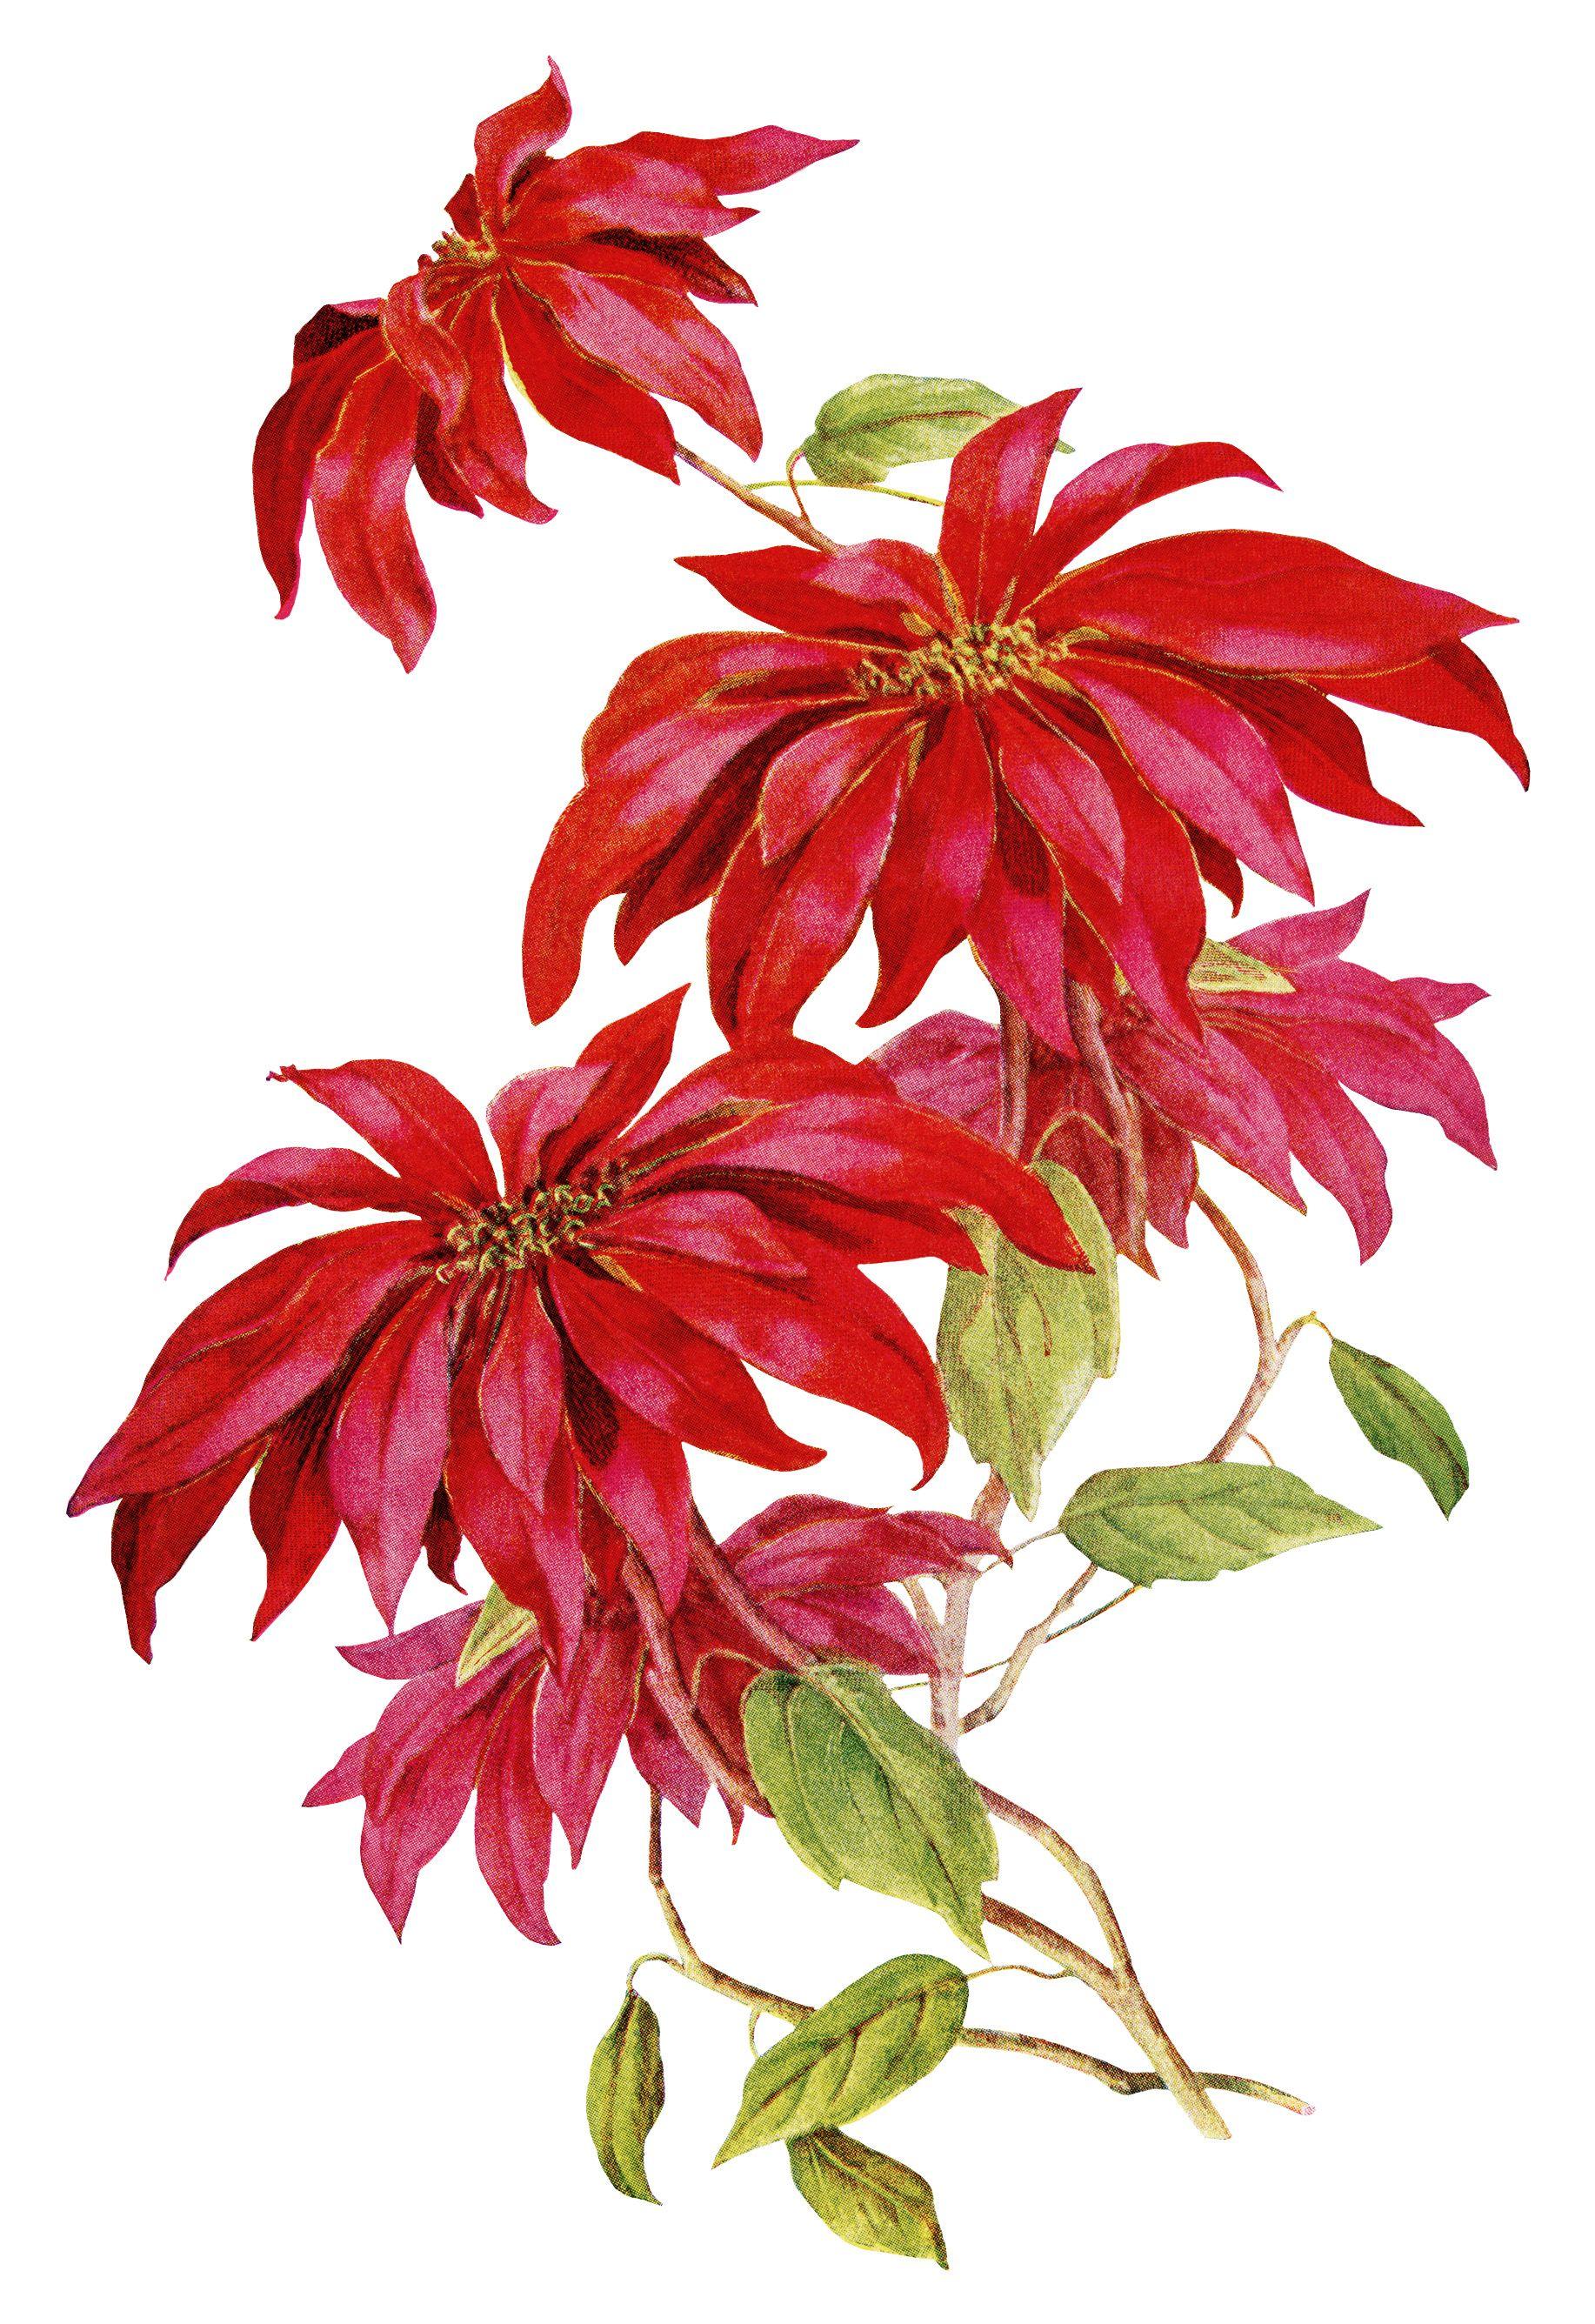 Poinsettia Christmas Flower ~ Free Vintage Image (on white ...